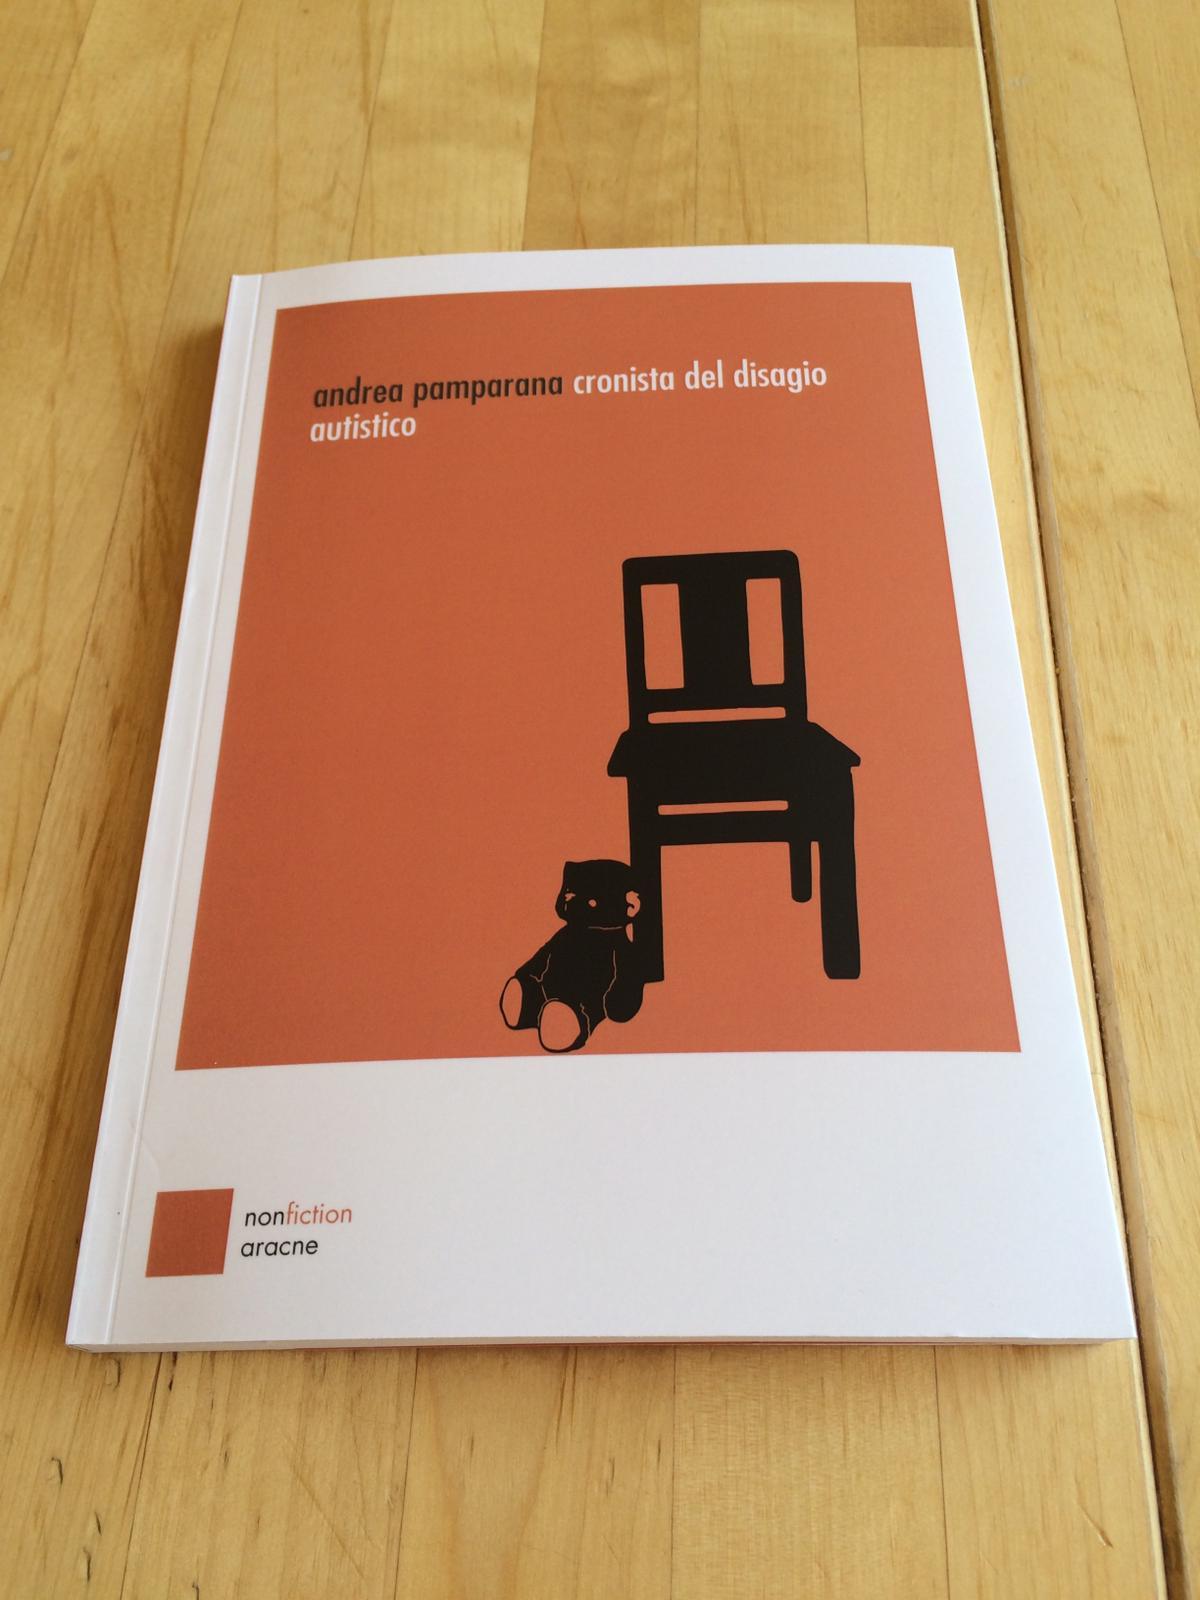 Presso la Cooperativa Garibaldi presentato il libro di Pamparana sull'autismo